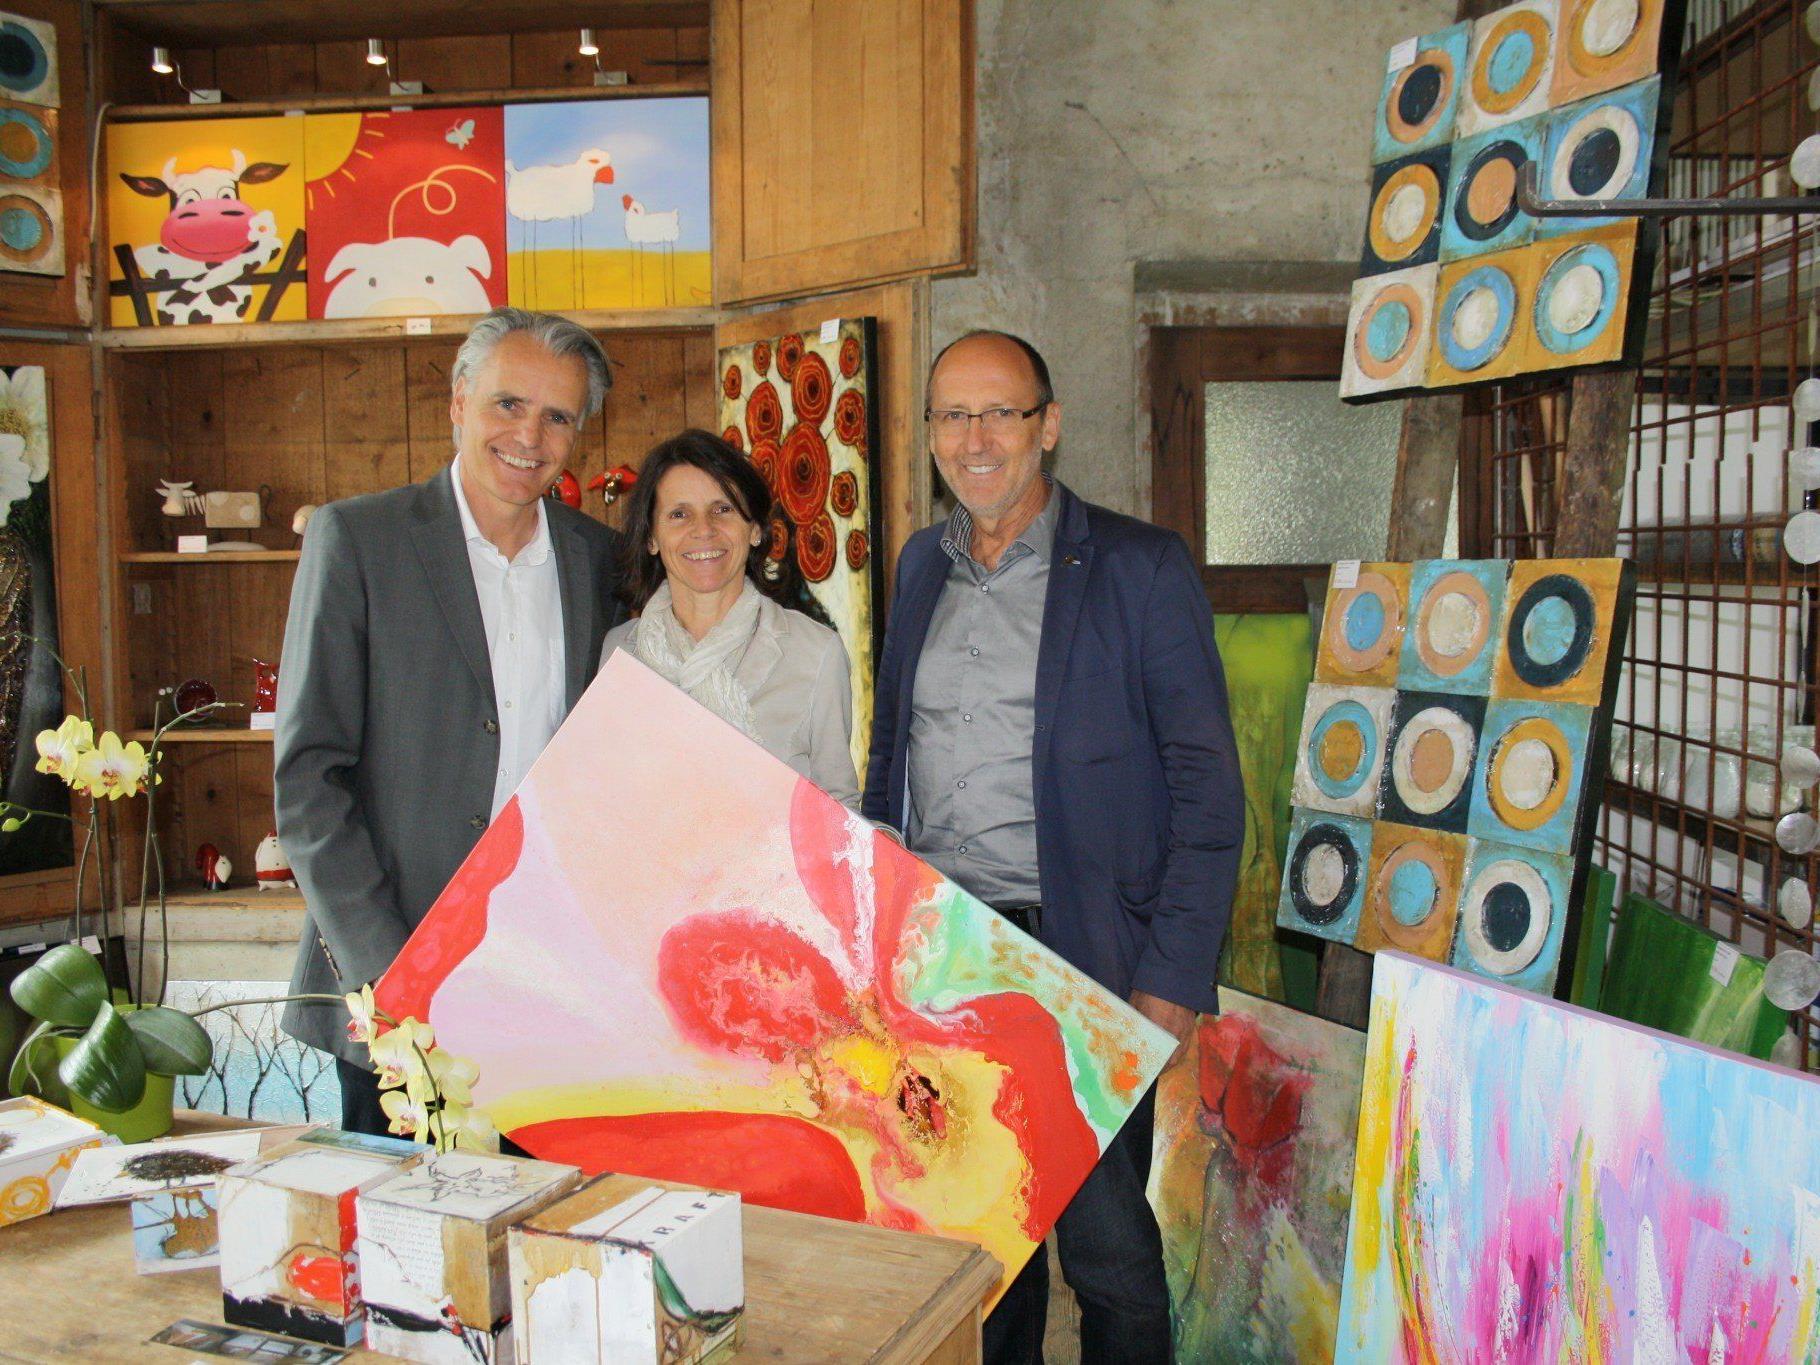 """Die """"Galerie Papillon"""" von Heidi und Thomas Vogler weckte auch bei Bürgermeister Xaver Sinz große Begeisterung."""